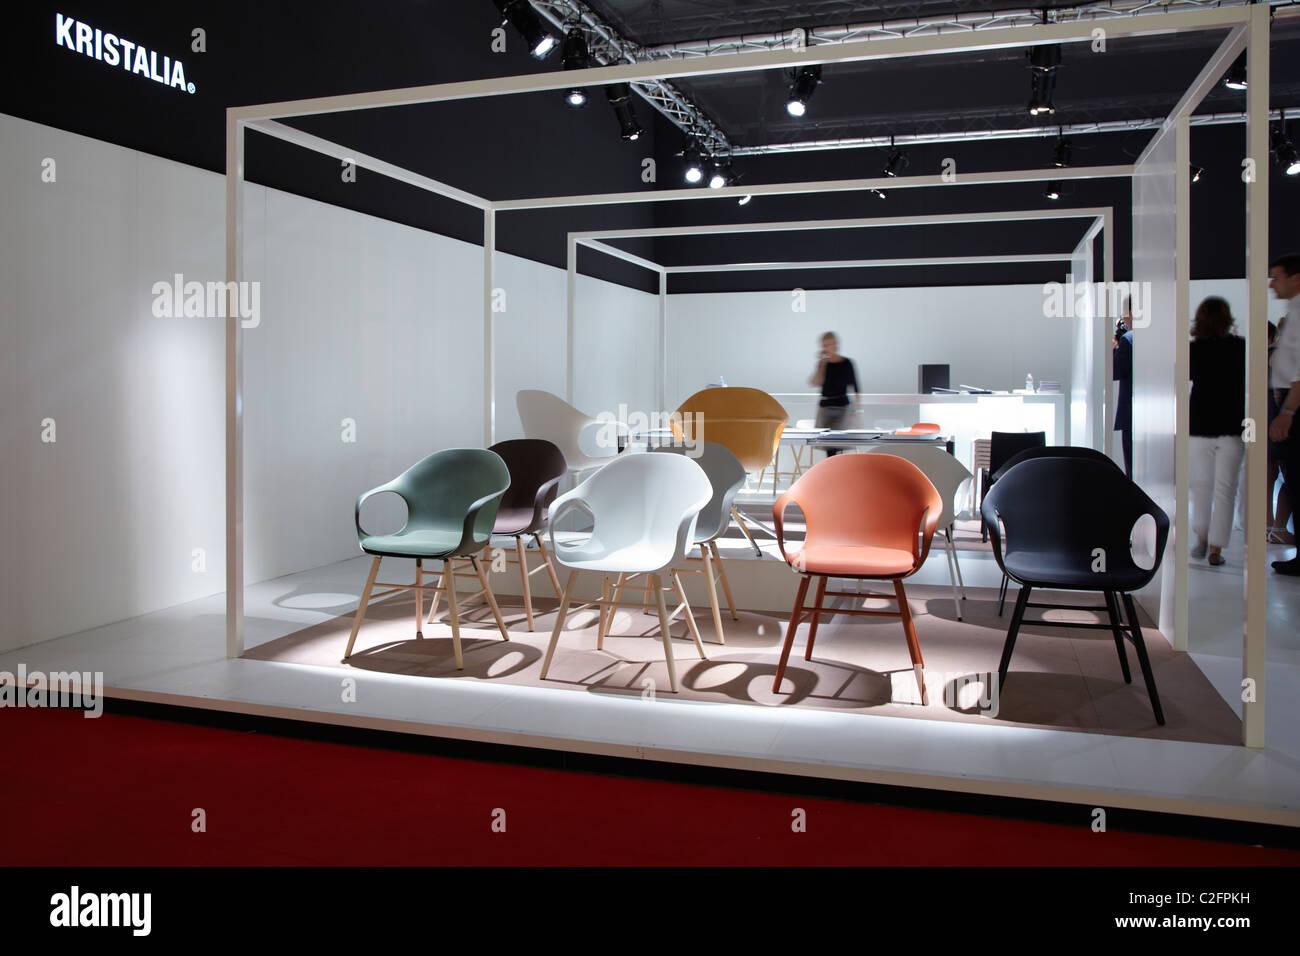 Salone del Mobile di Milano 2011, furniture fair Immagini Stock